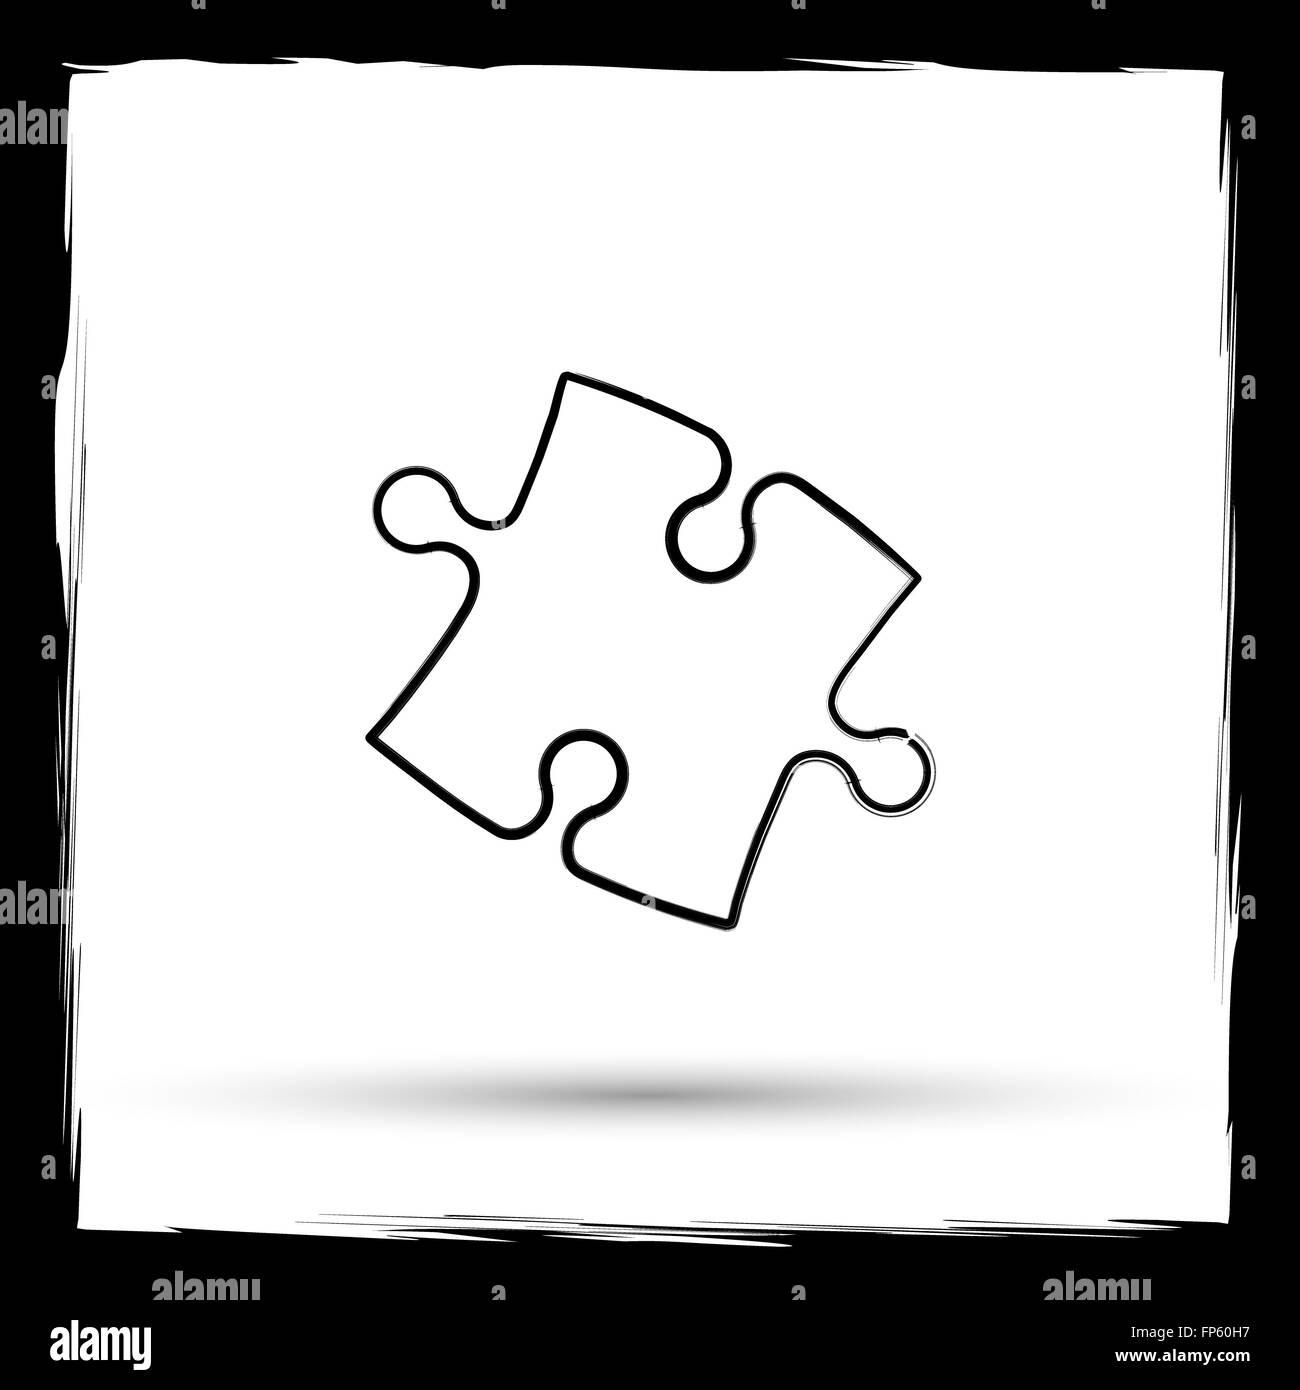 Black White Jigsaw Puzzle Outline Stockfotos & Black White Jigsaw ...